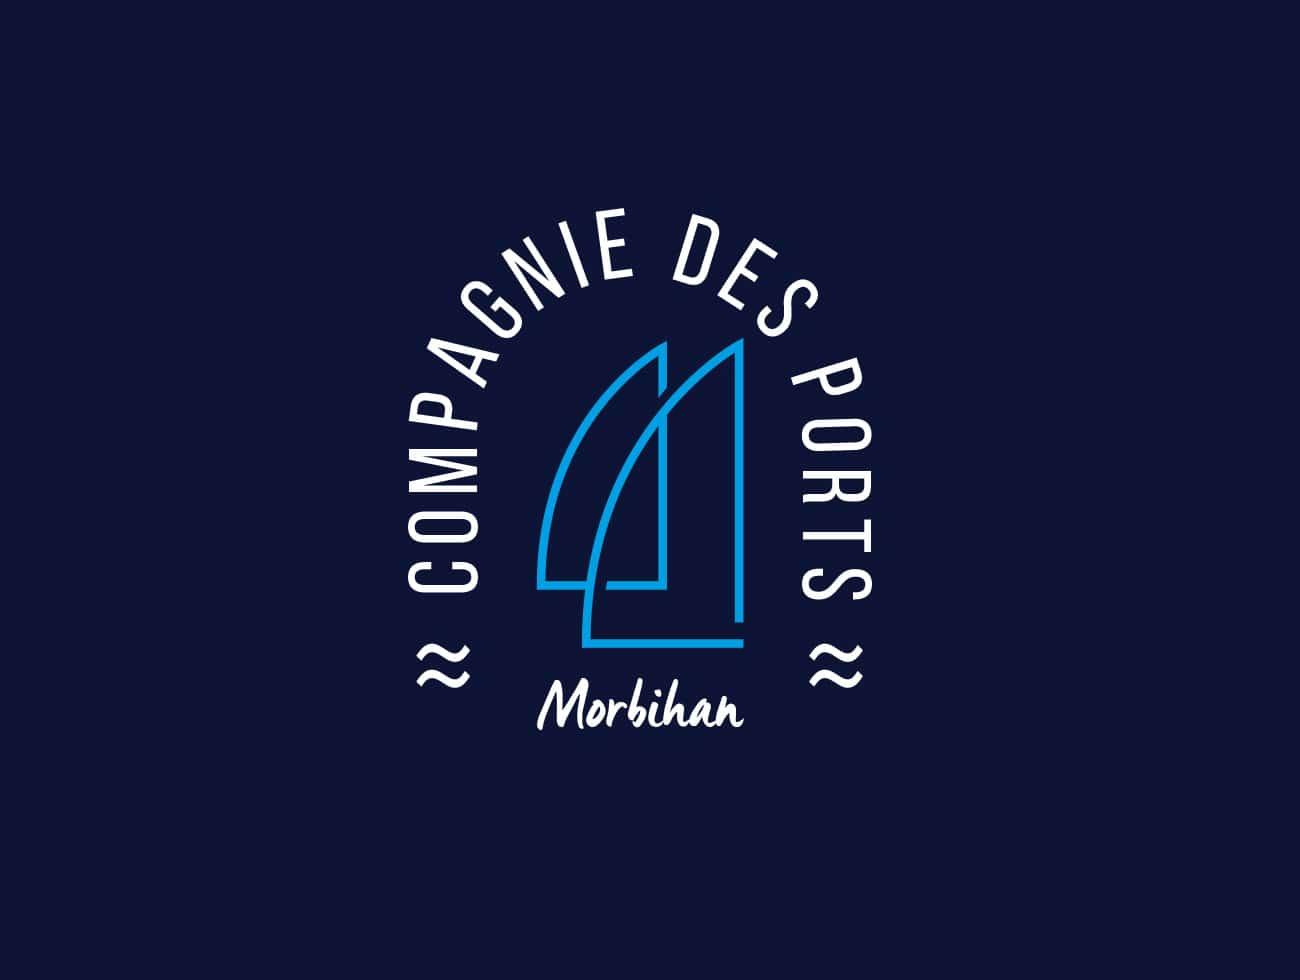 compagnie-des-ports-logo-communication-bretagne-identité-visuelle